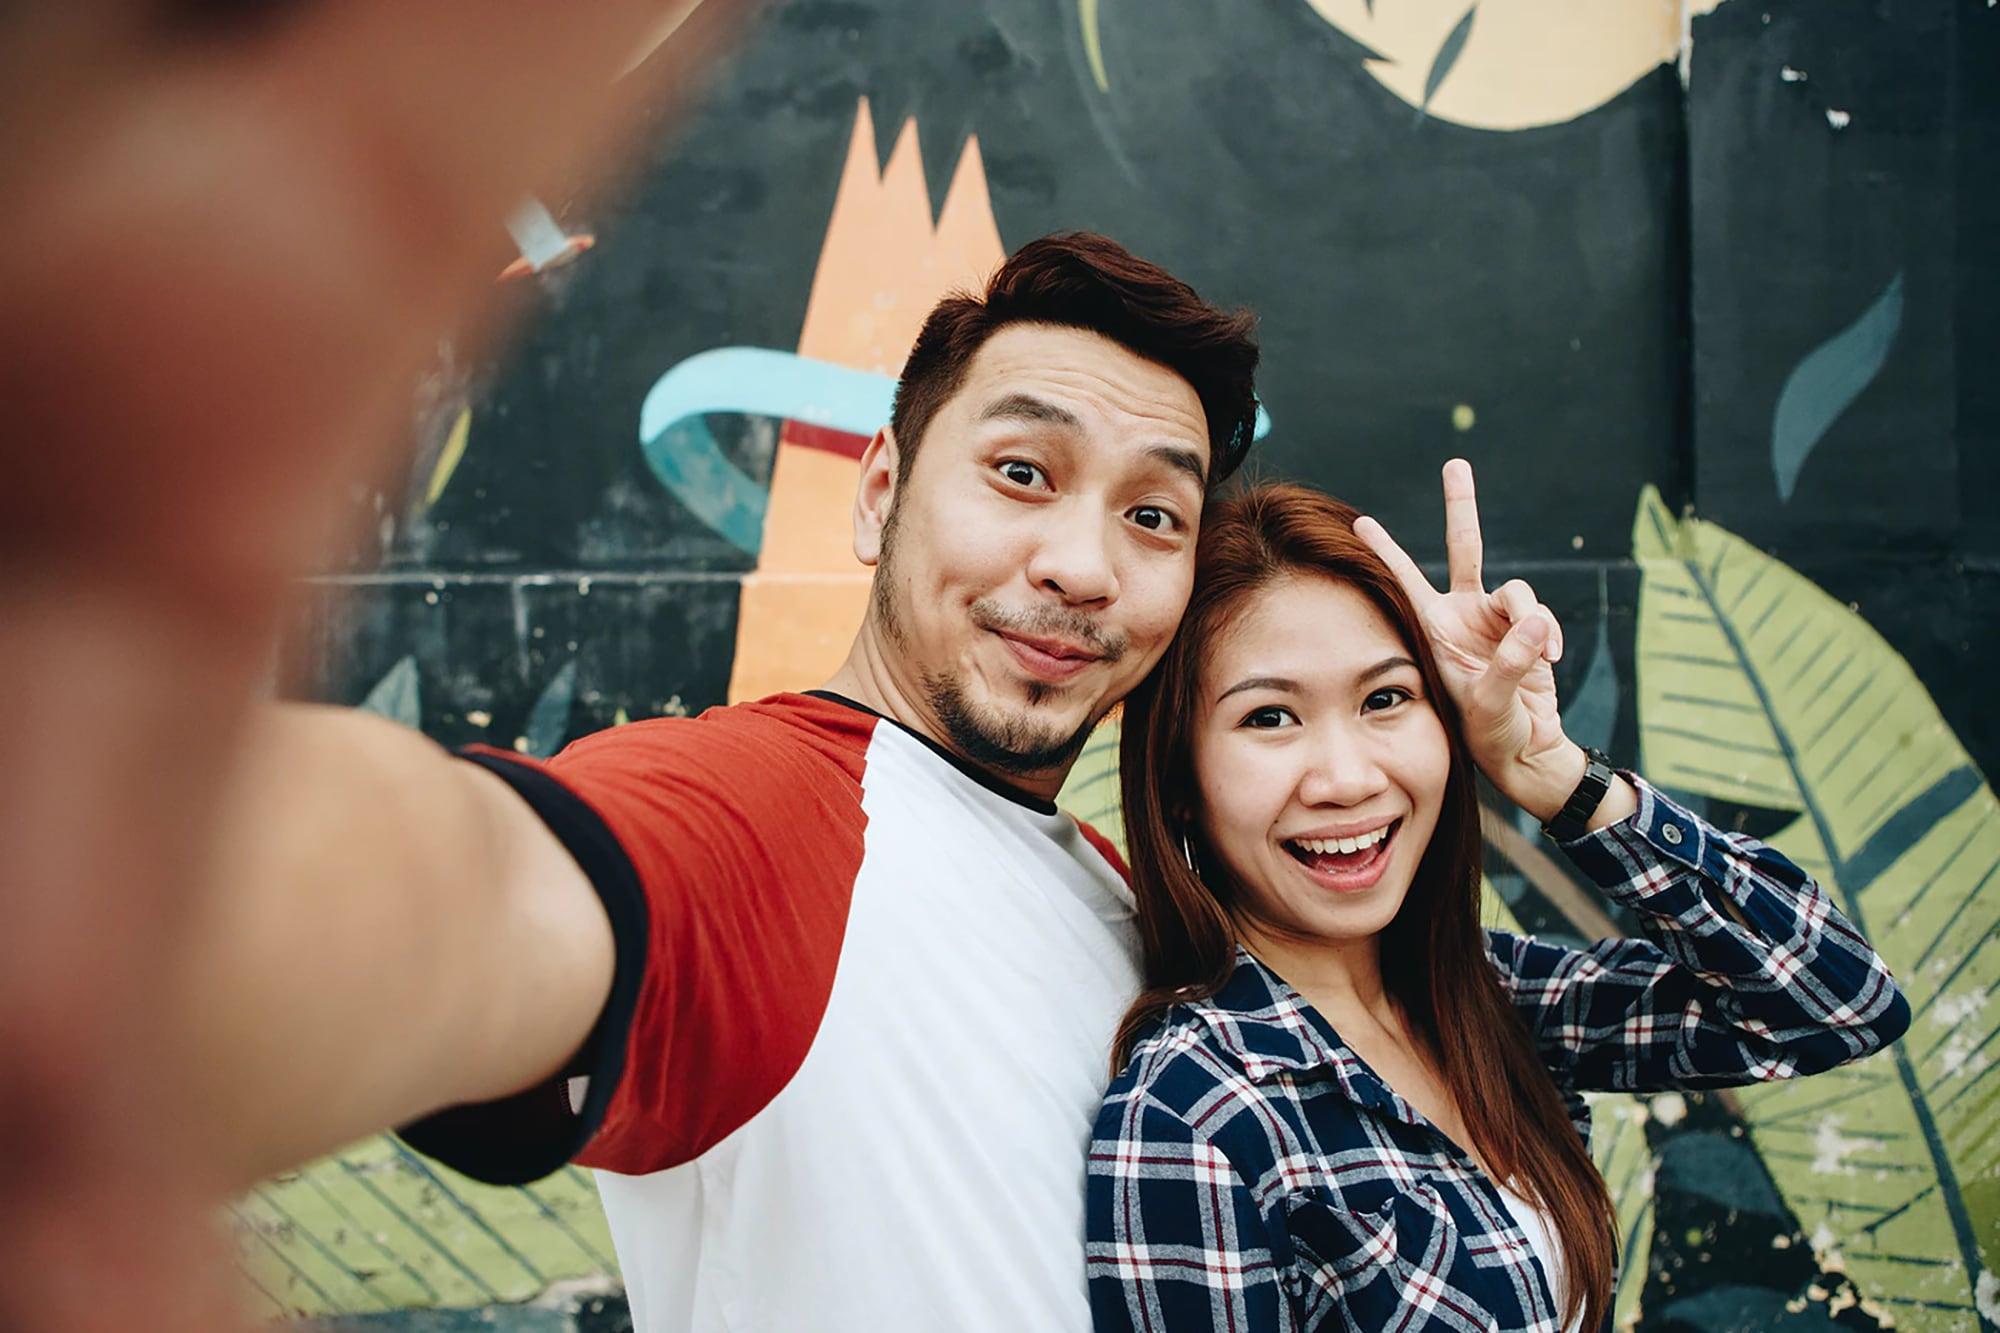 Người ta có thật sự hạnh phúc như những tấm ảnh trên mạng xã hội?